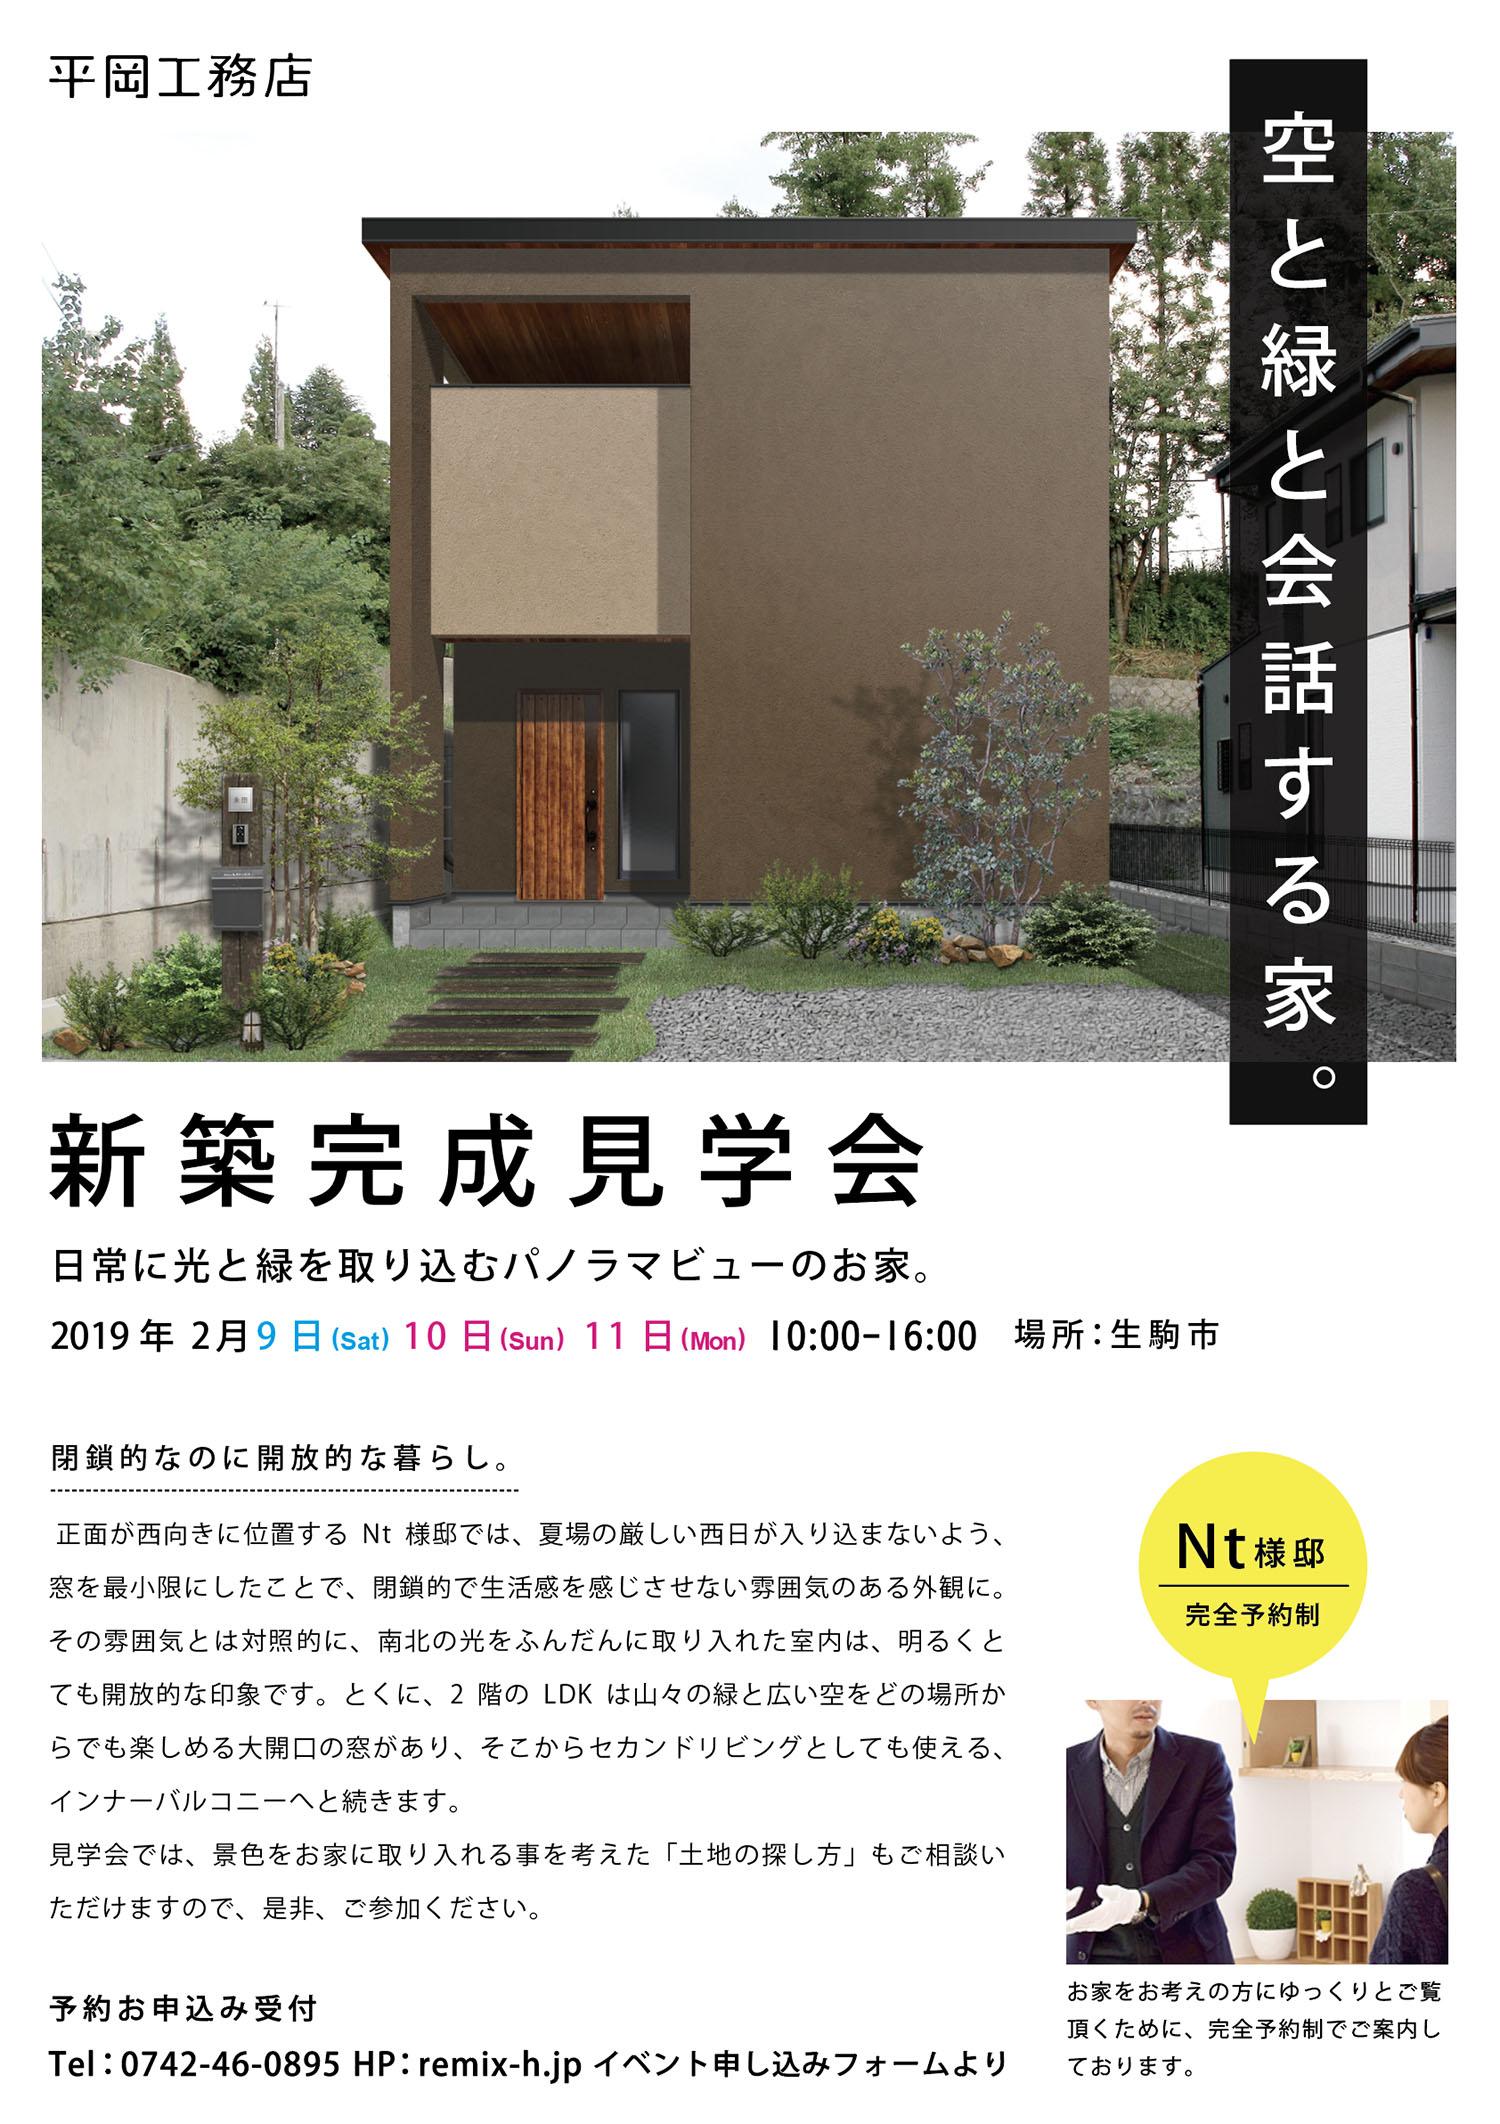 2月9日(土)10日(日)11日(月・祝)の3日間、新築完成見学会を開催いたします。